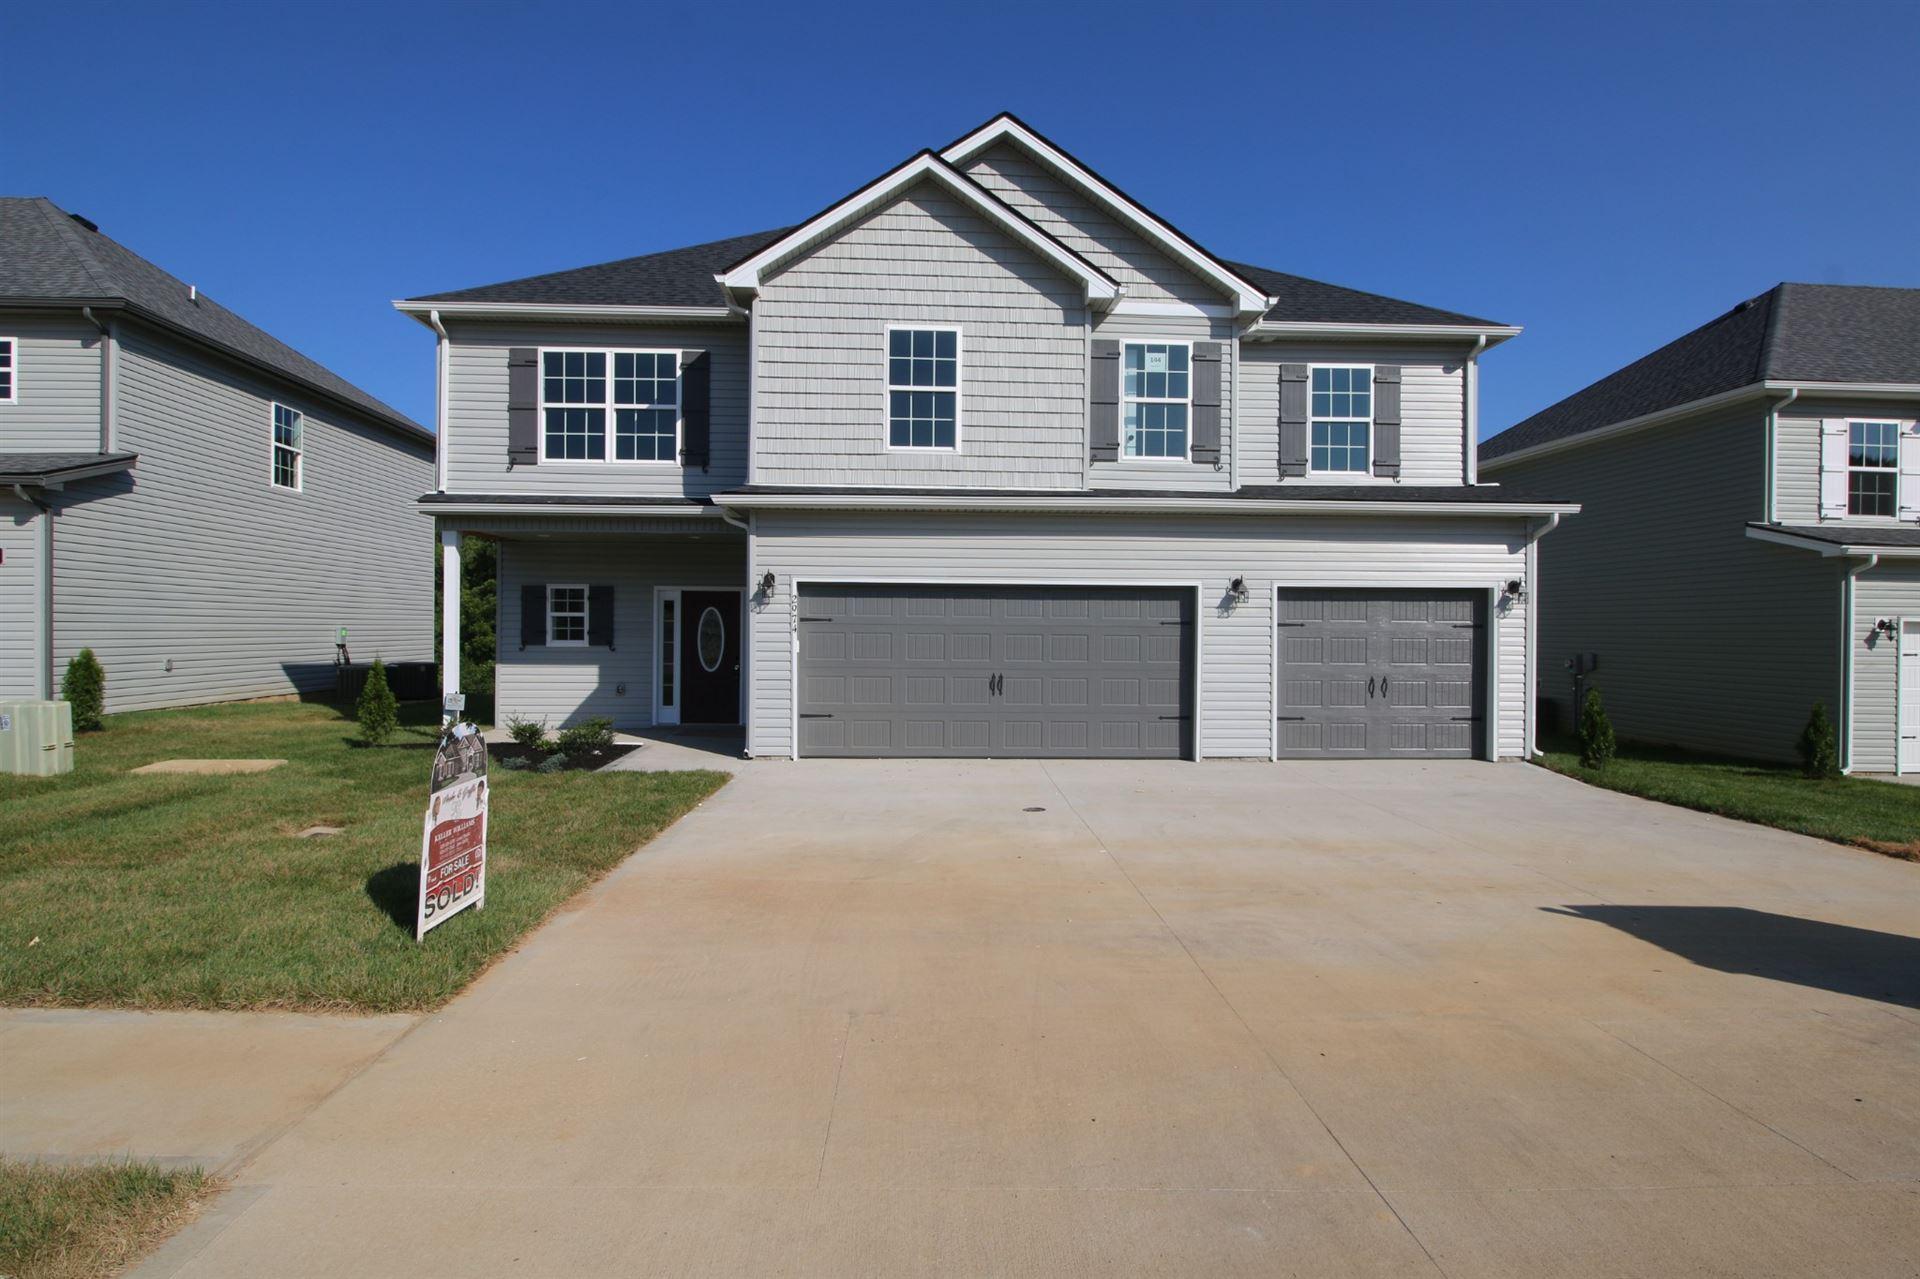 144 Chalet Hills, Clarksville, TN 37040 - MLS#: 2229453